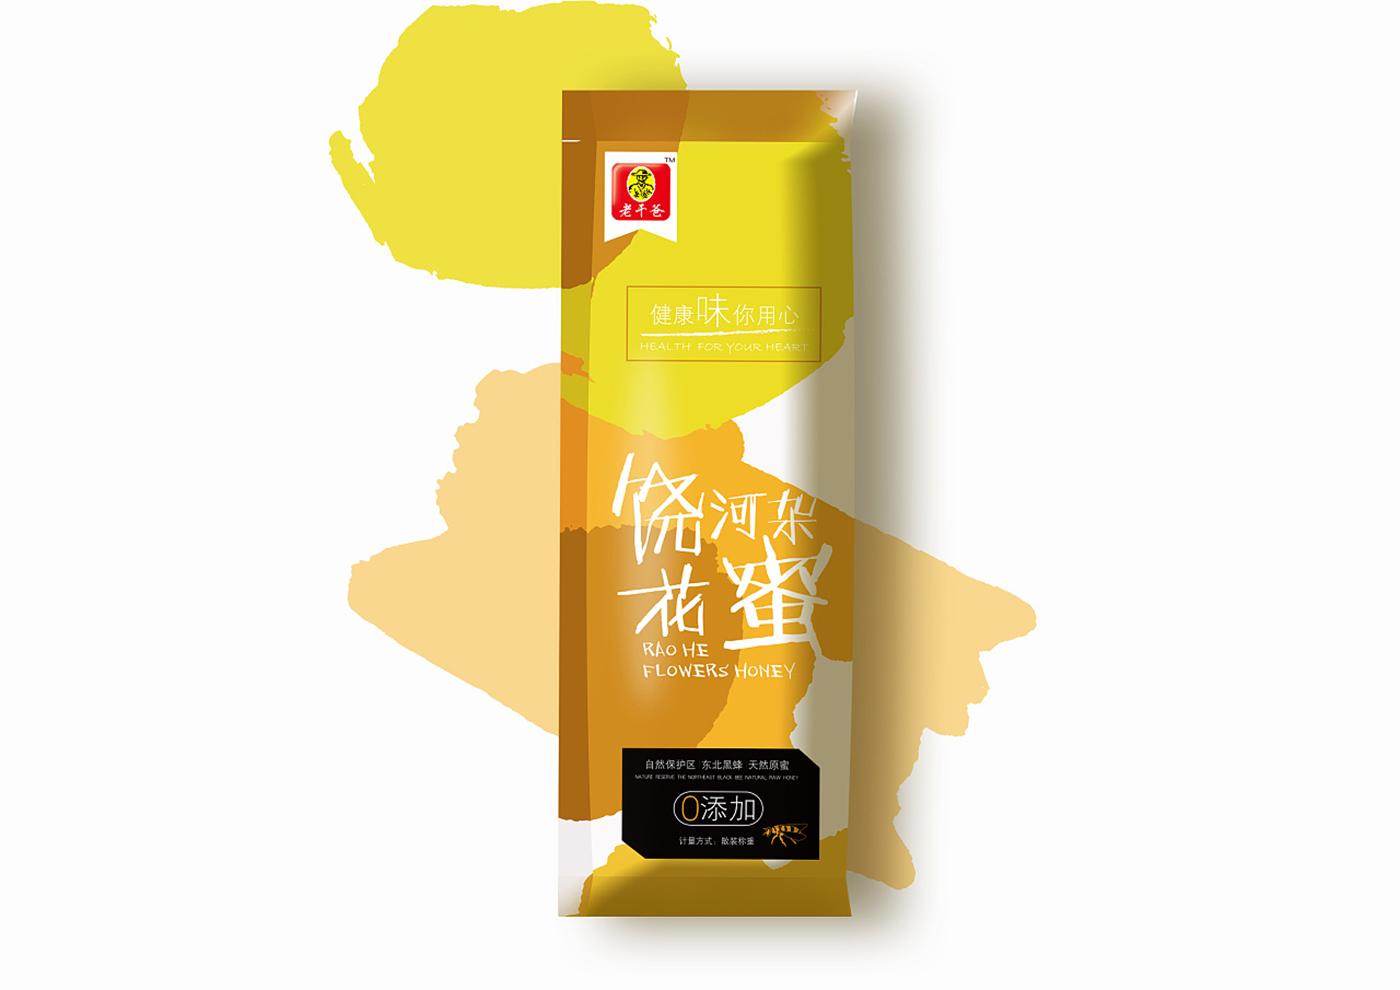 江苏老干爸食品有限公司-老干爸蜂蜜系列包装5